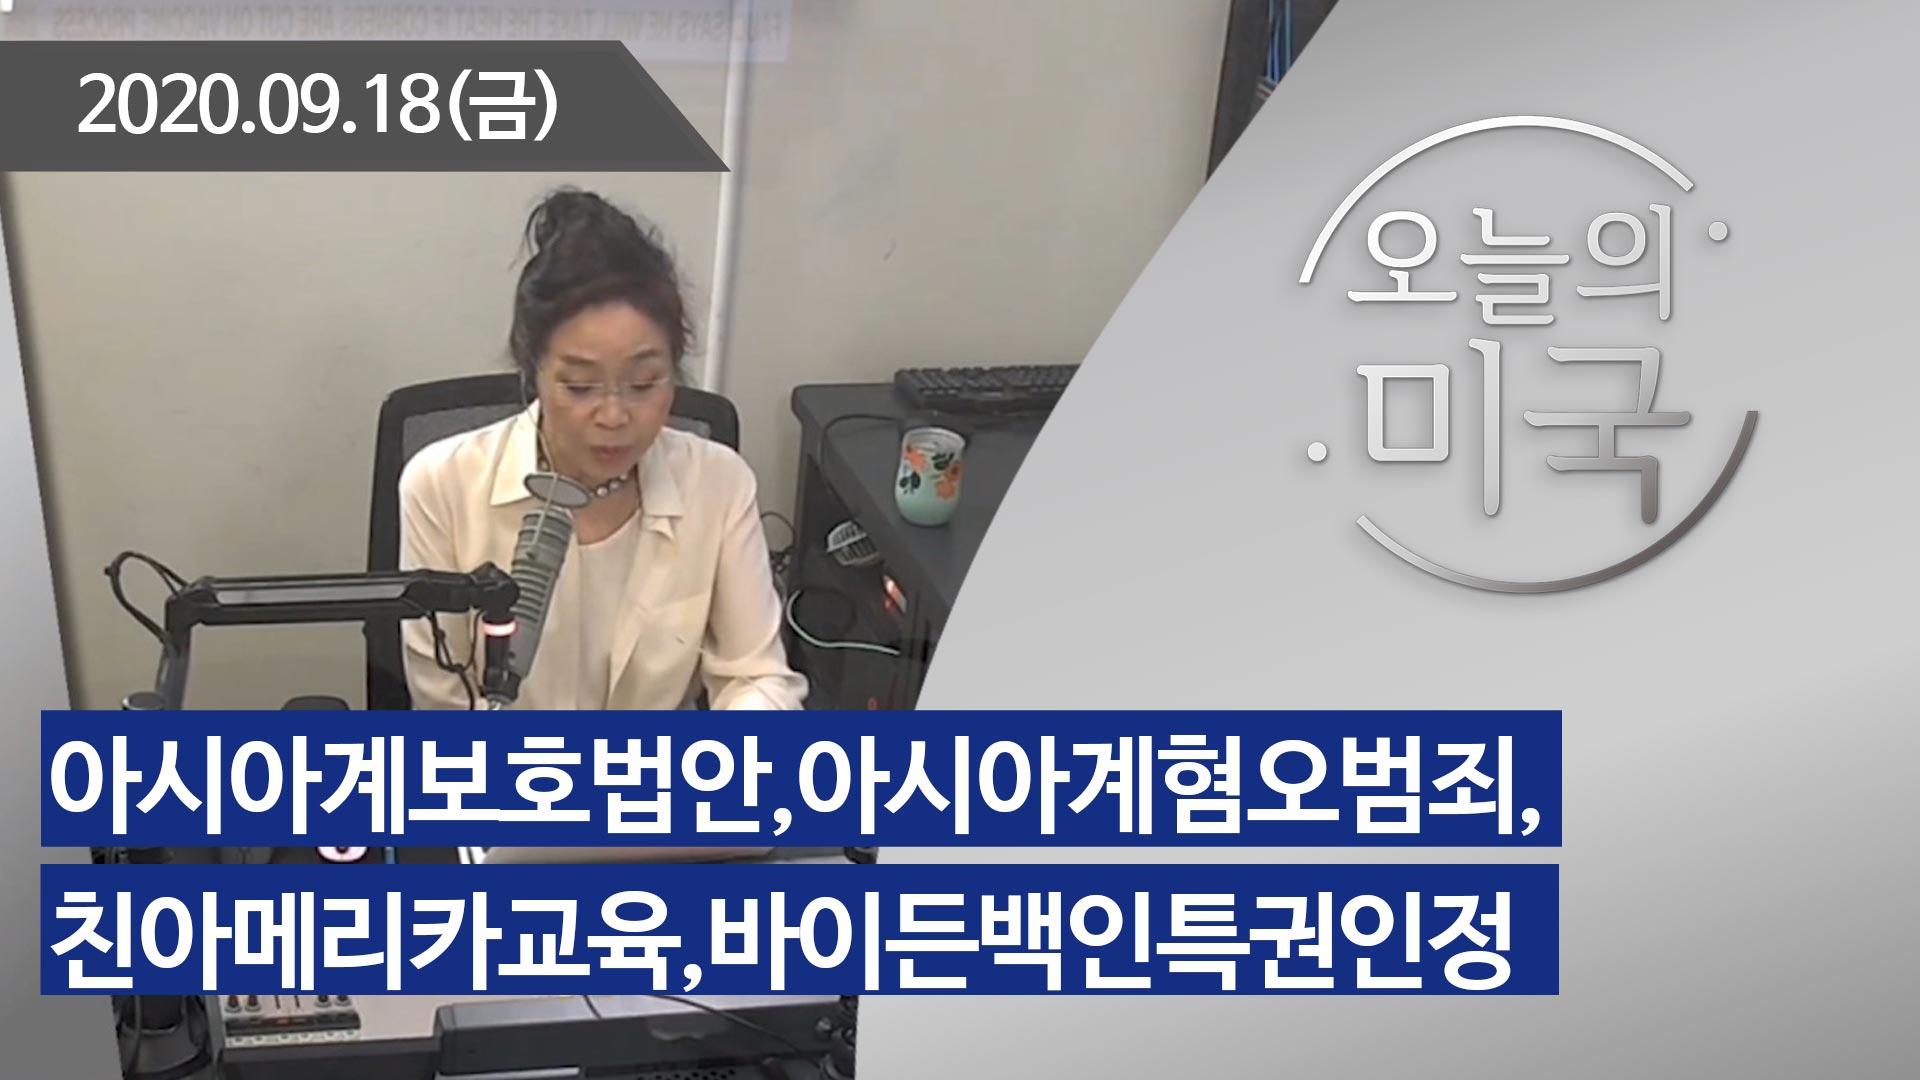 강혜신의 오늘의 미국 (09.18.2020)